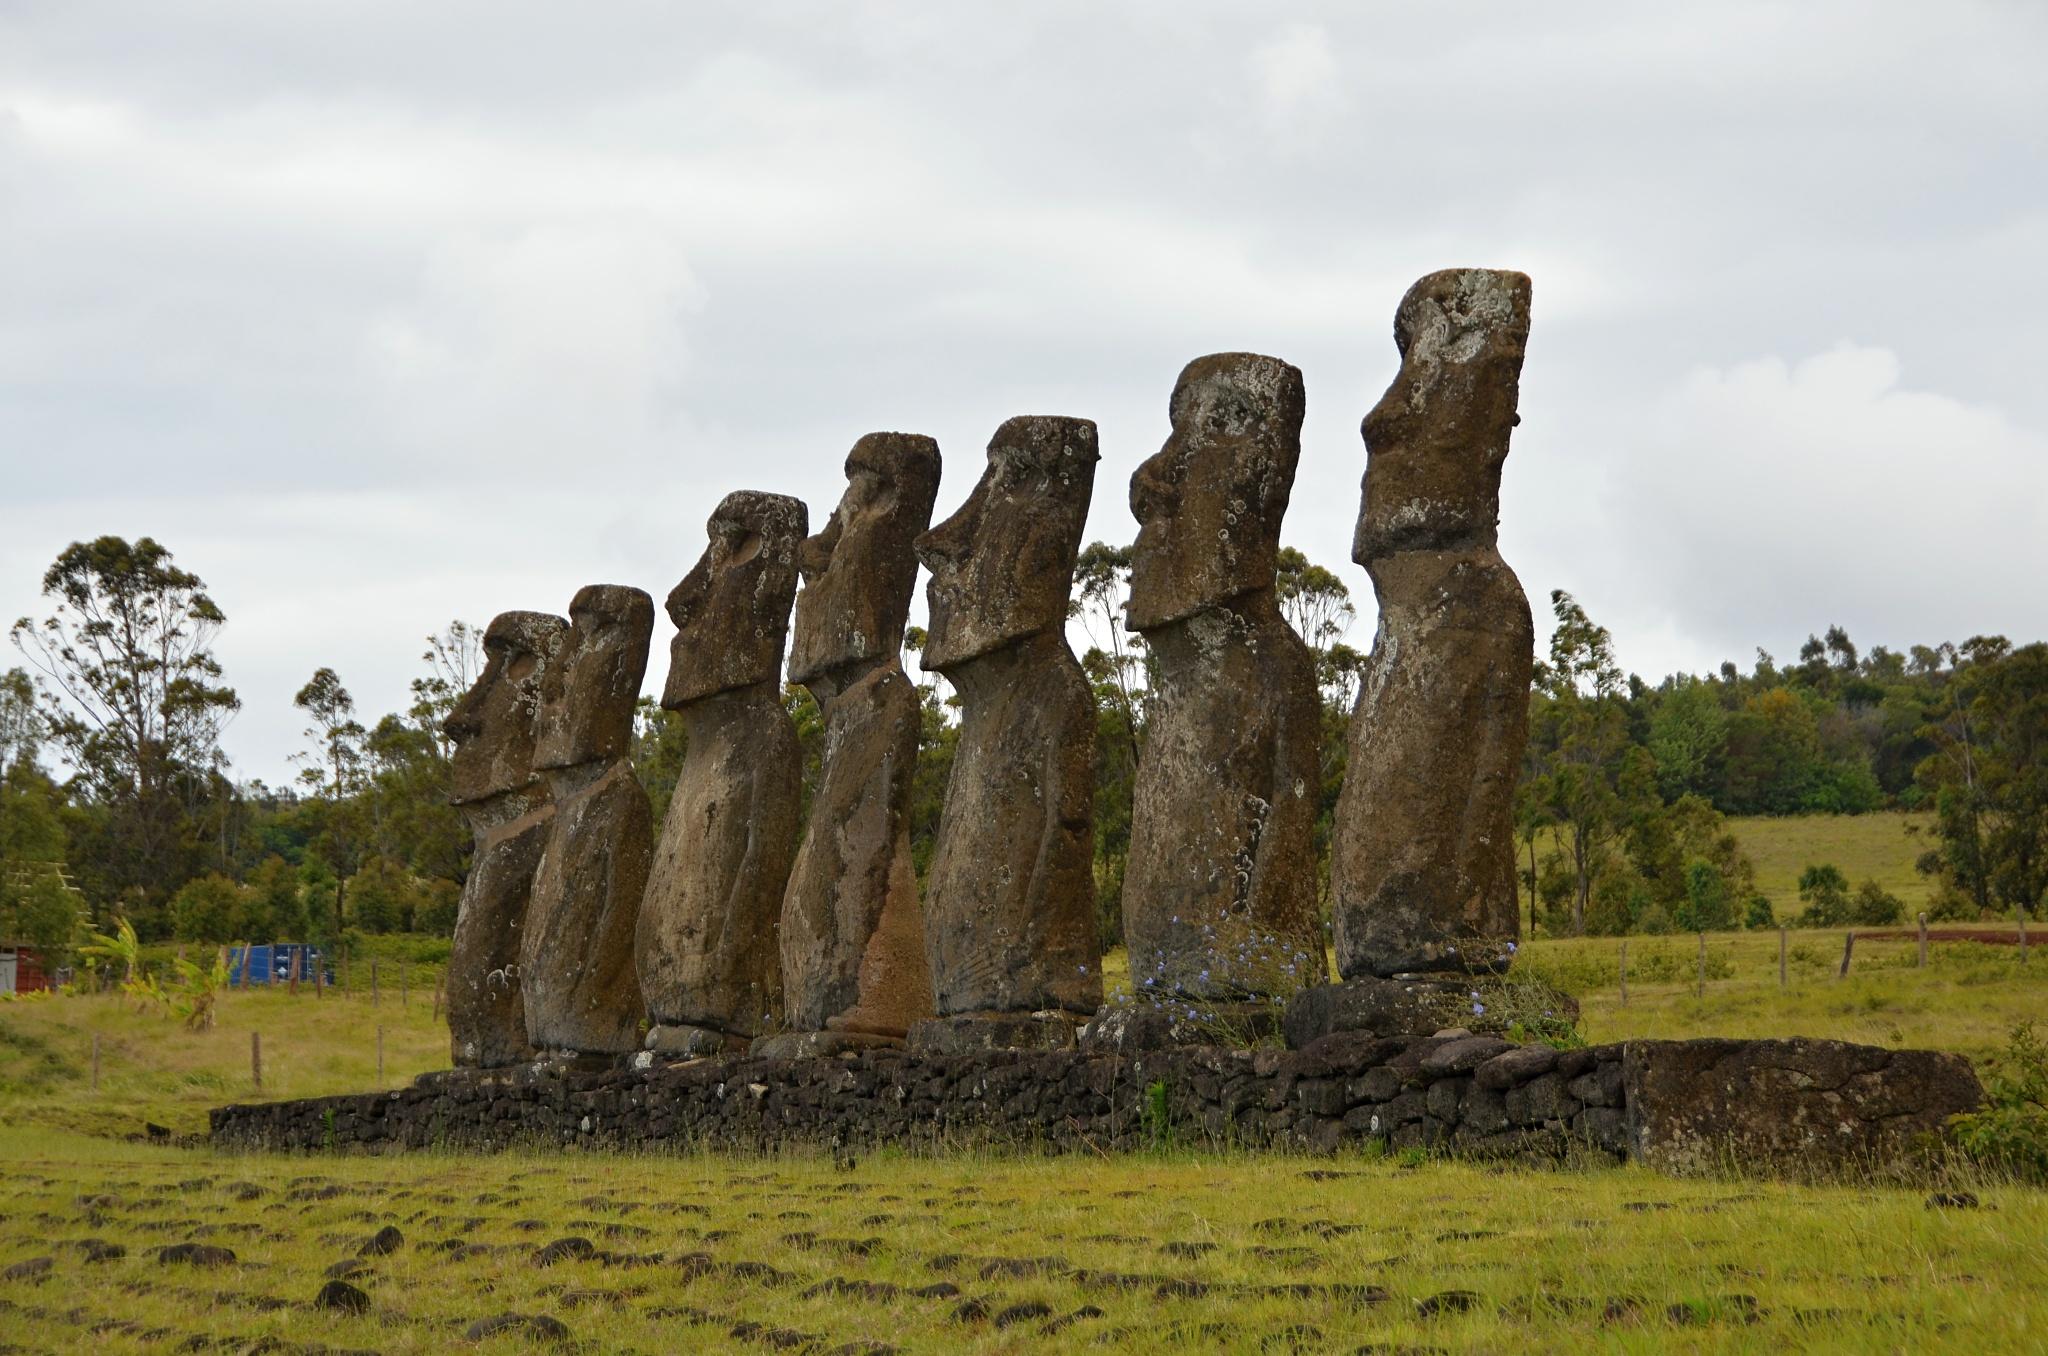 Sedm téměř identických Moai na místě Ahu Akivi